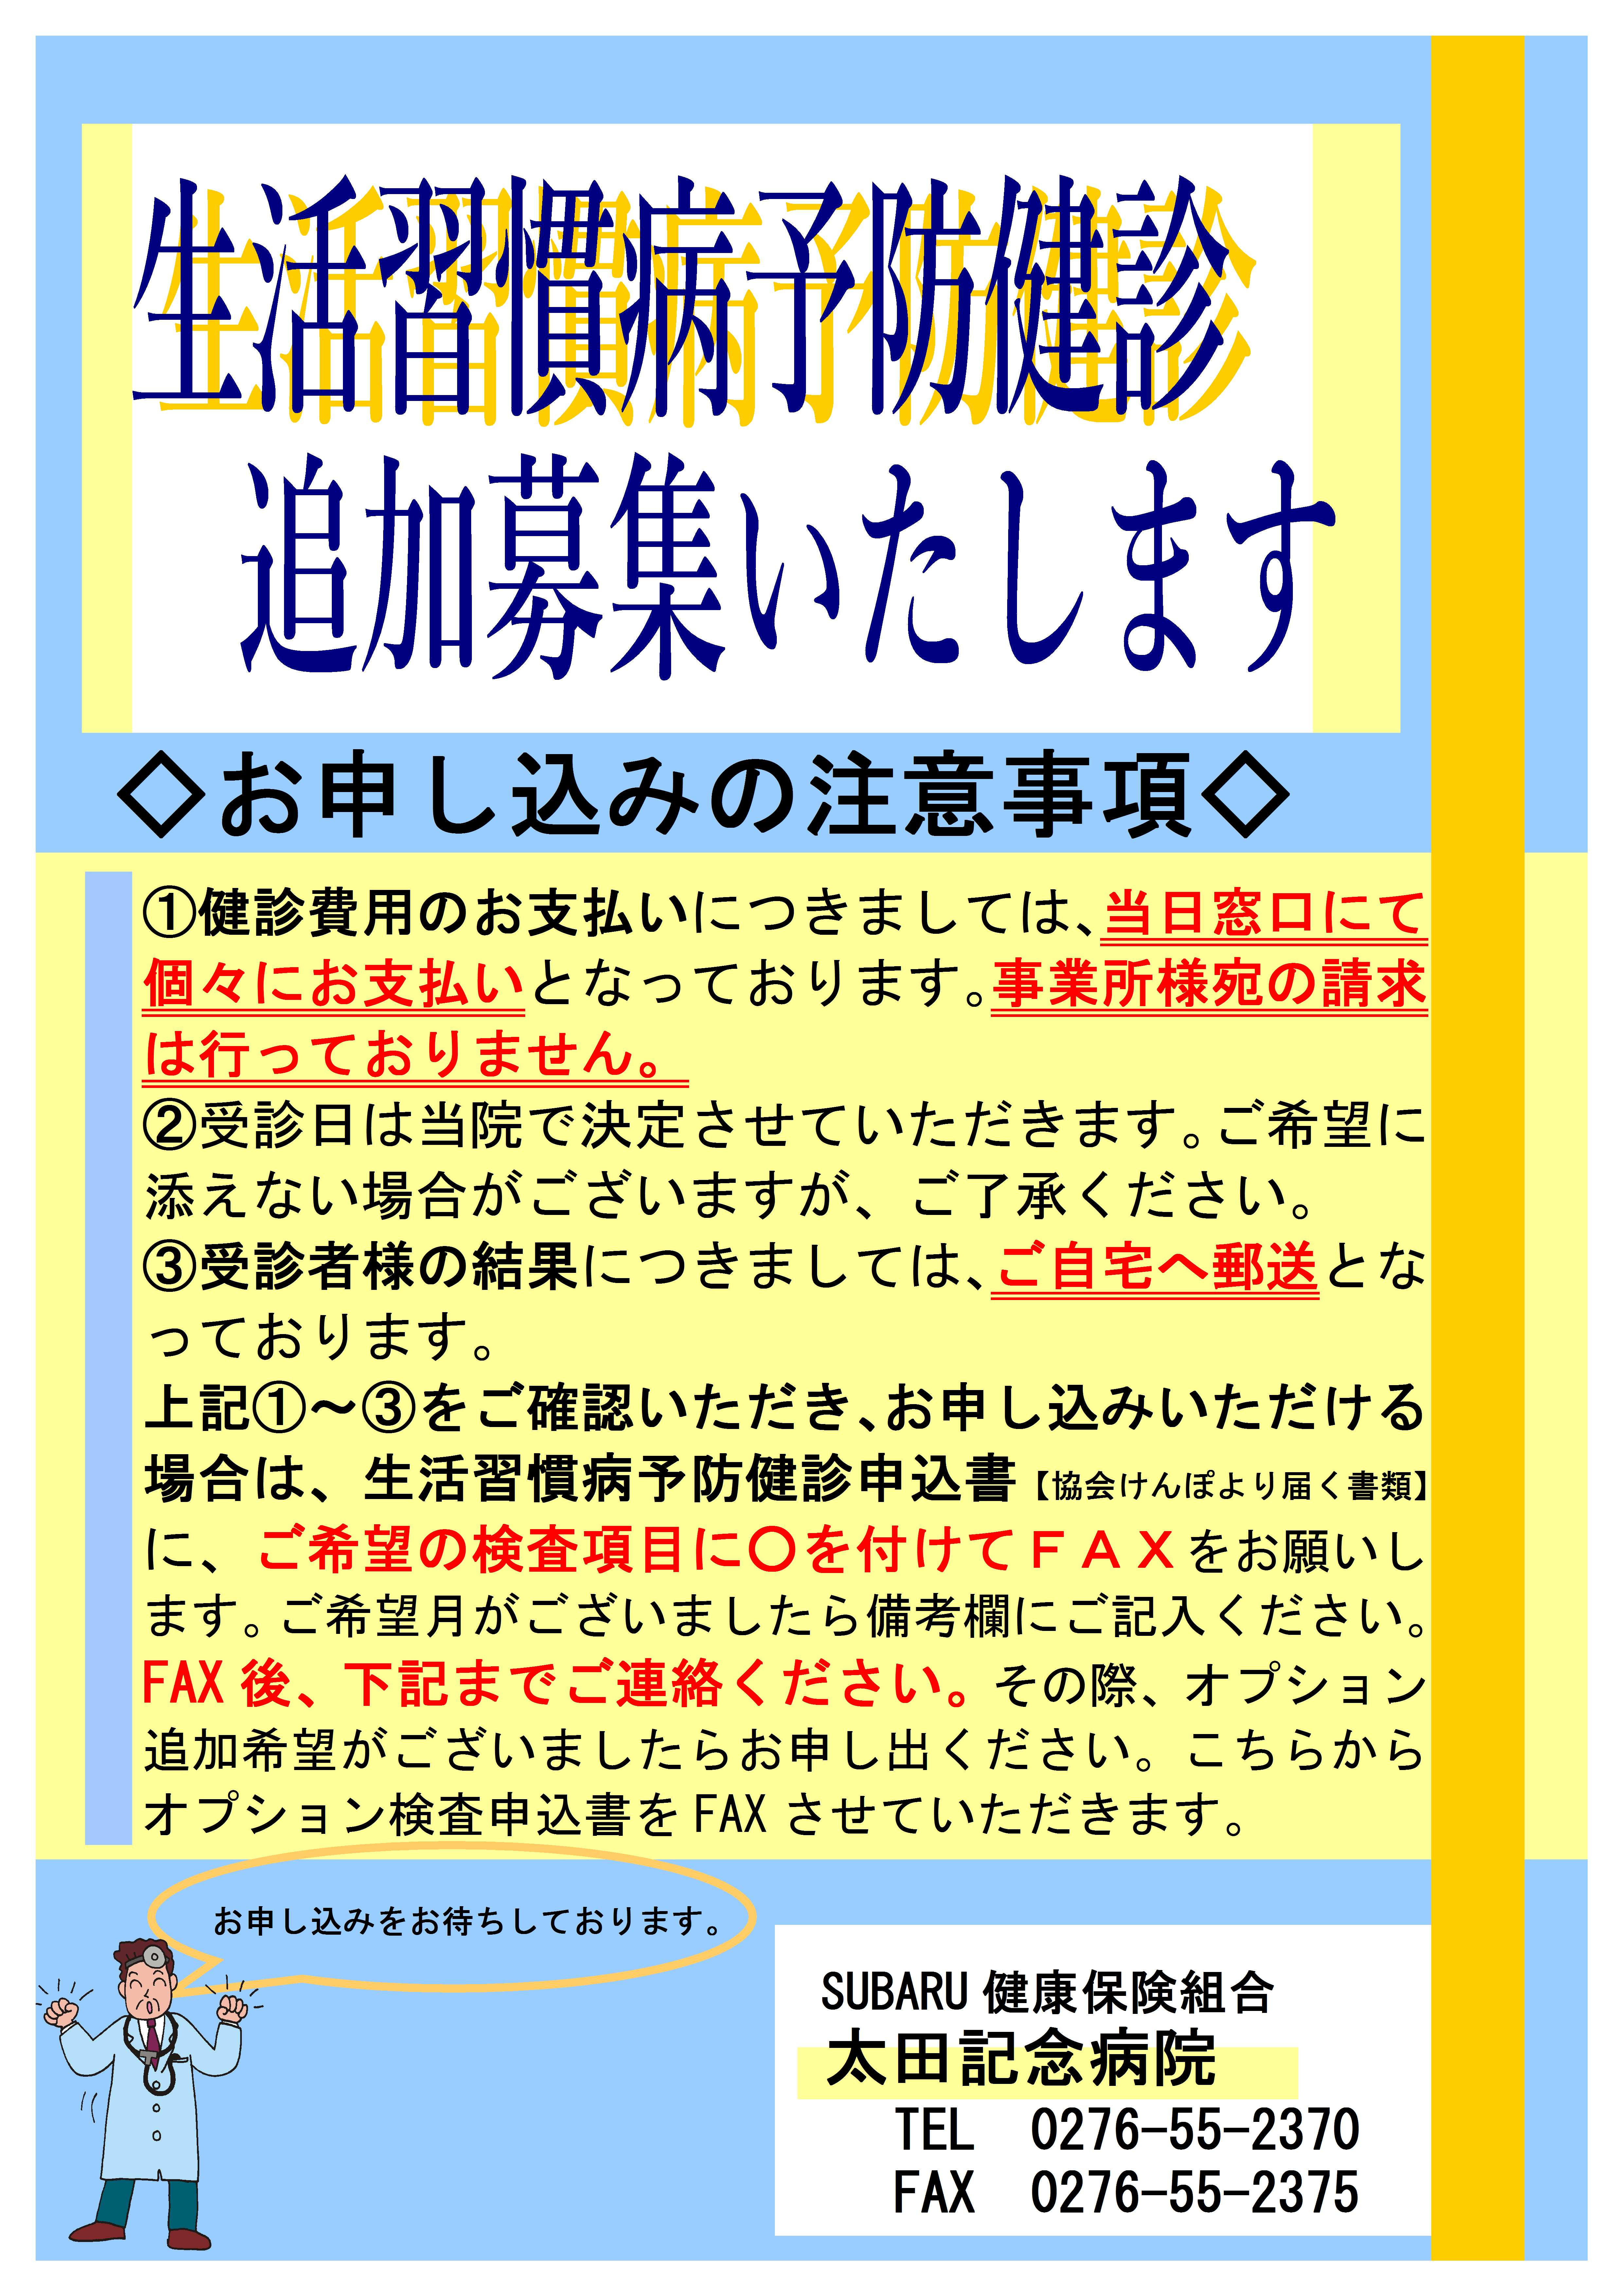 けんぽ 診断 協会 健康